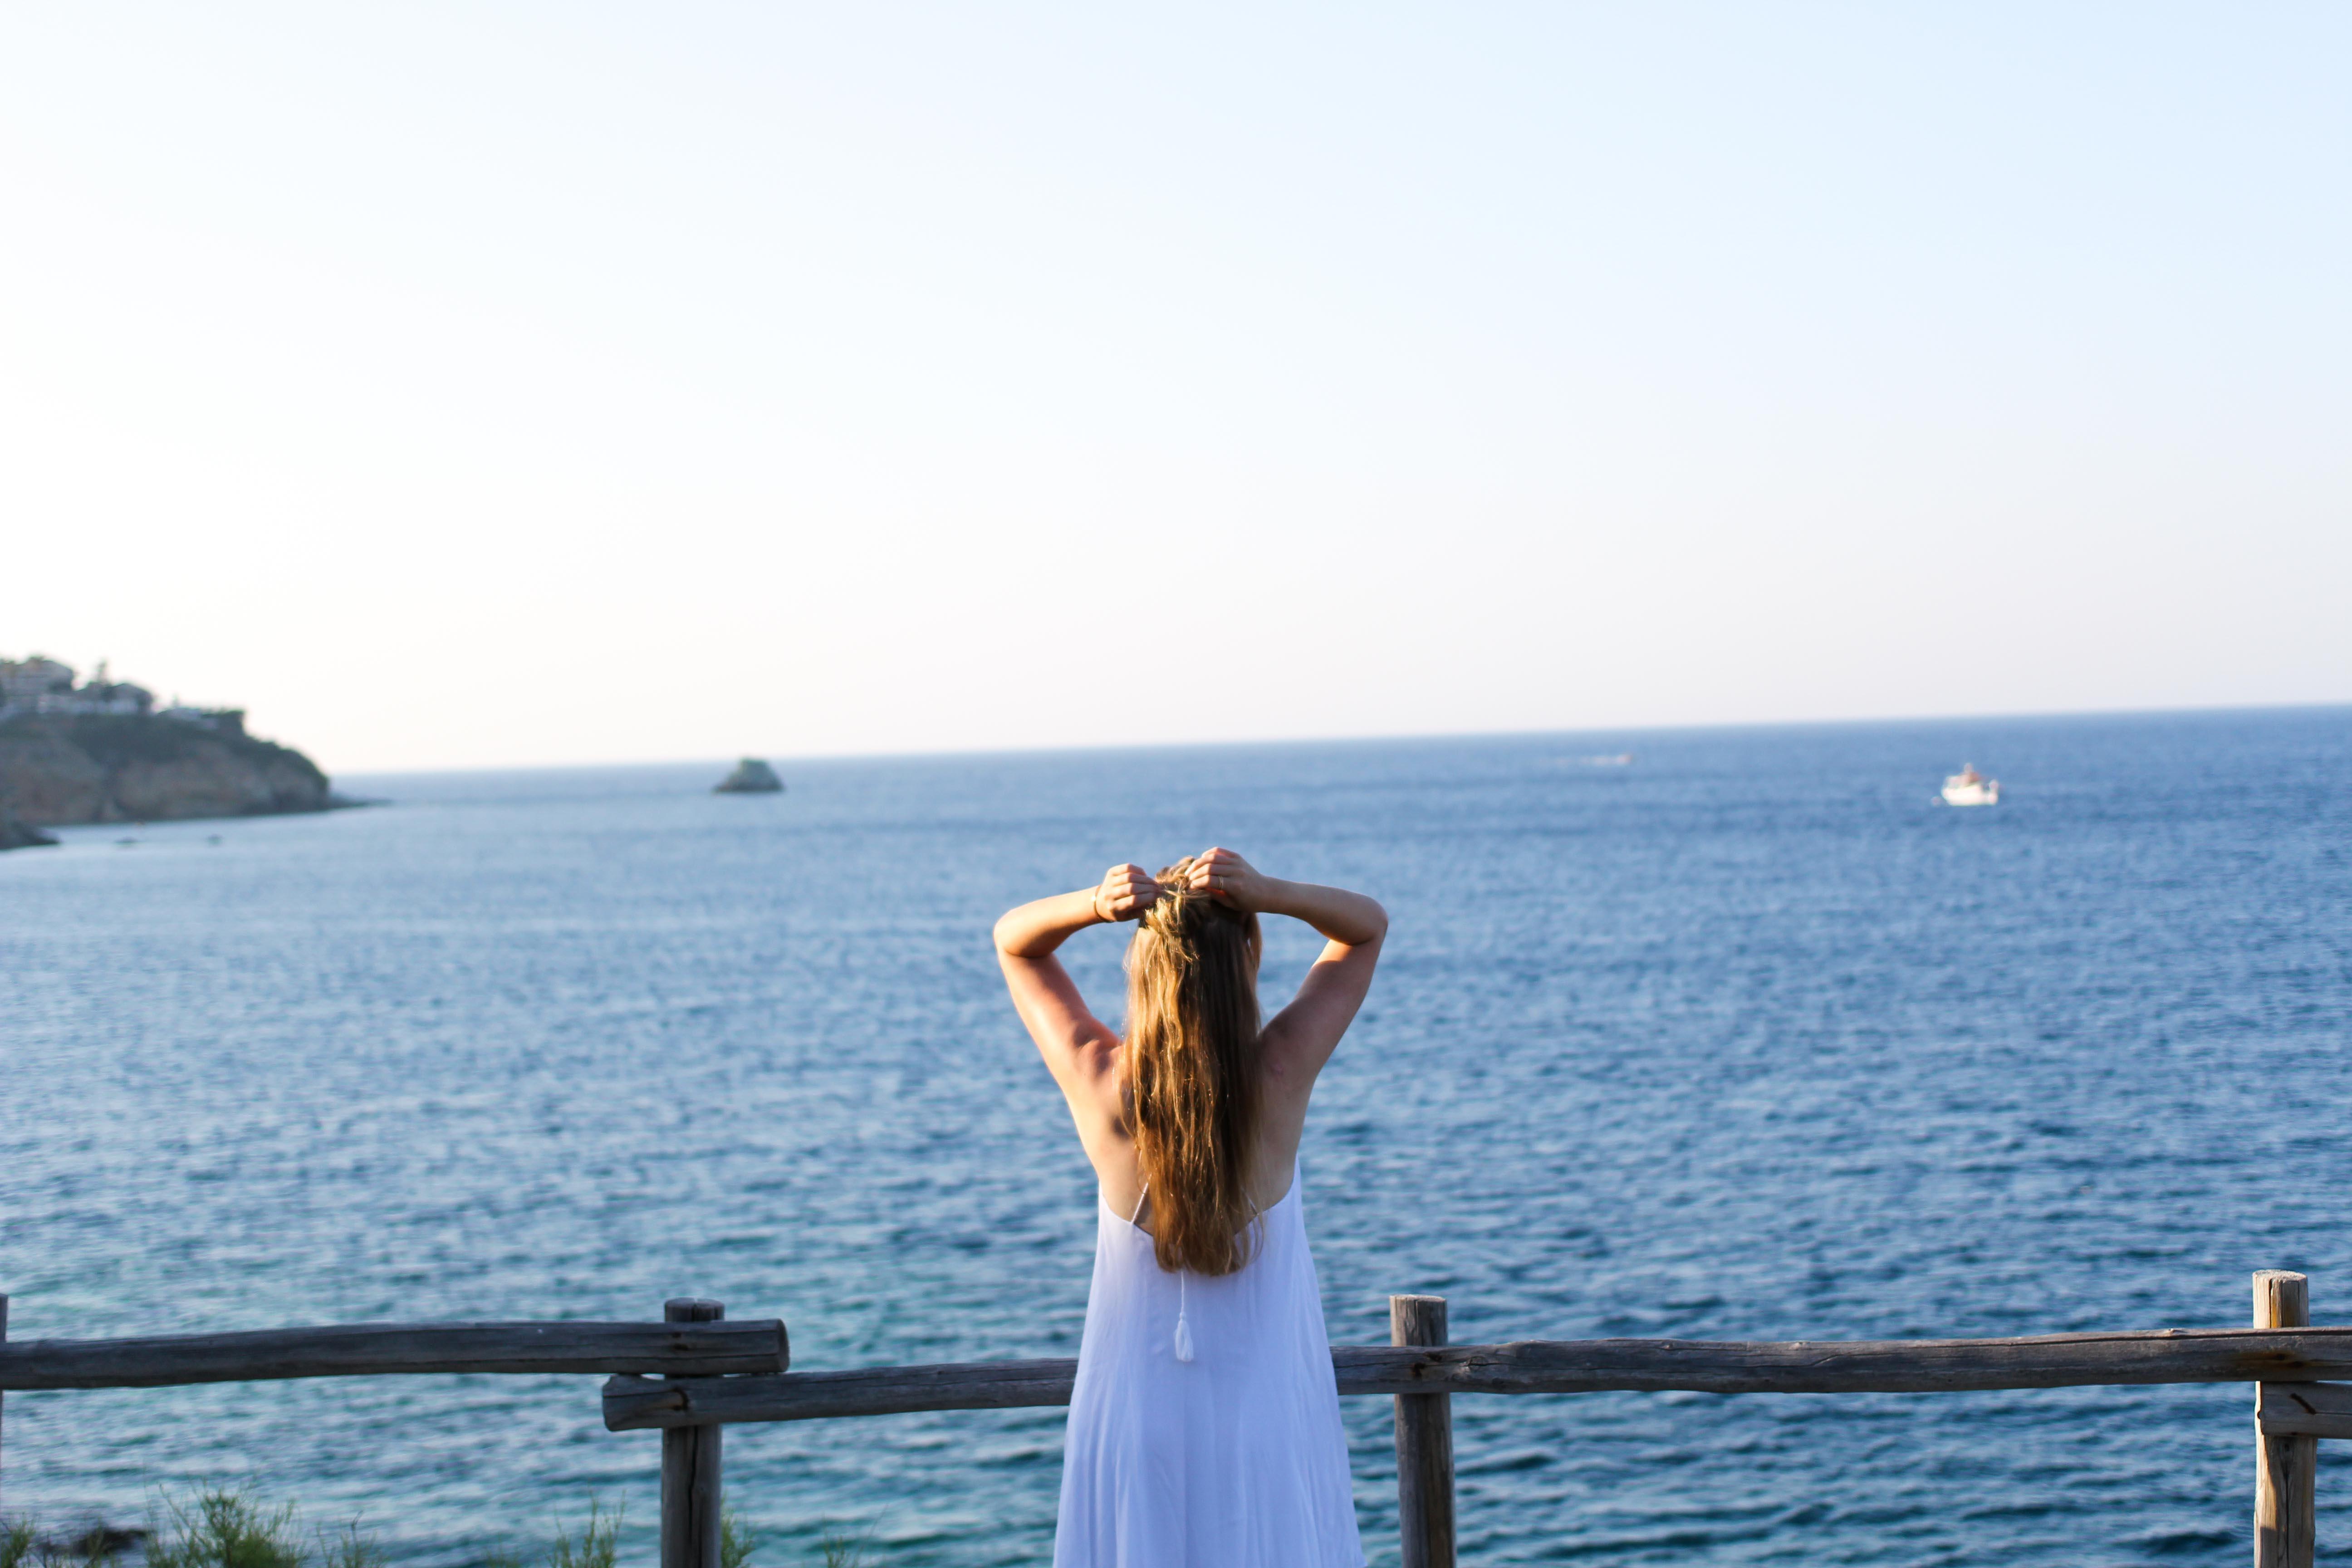 Top Kreta Sightseeing Kreta Sehenswürdigkeiten für einen Tagesausflug Meer Klippe weißes Kleid Blog